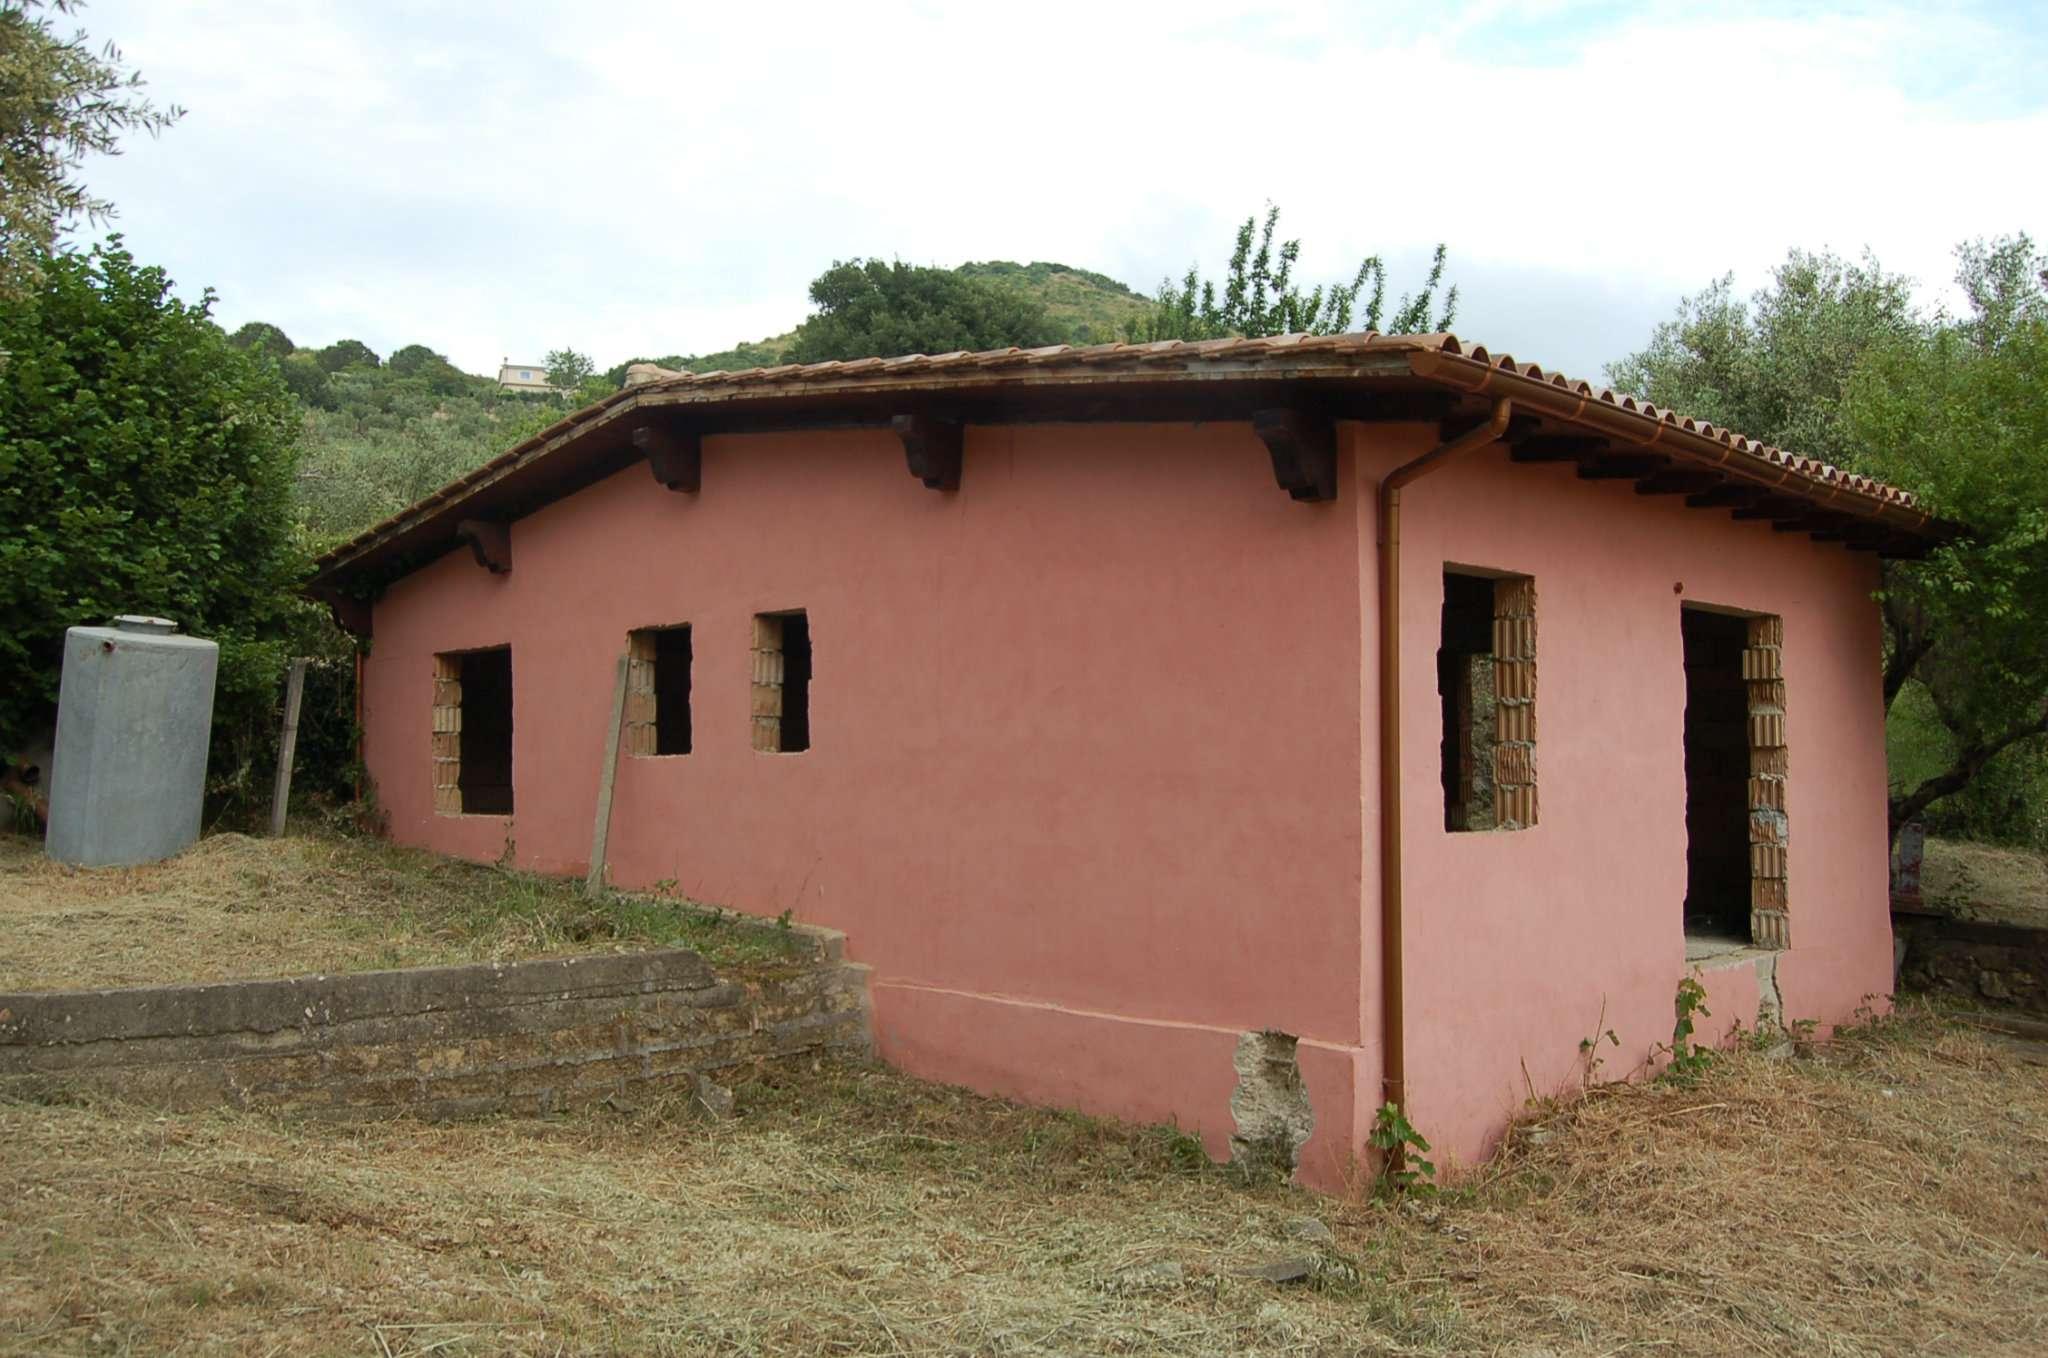 Soluzione Indipendente in vendita a Fara in Sabina, 3 locali, prezzo € 59.000 | Cambio Casa.it